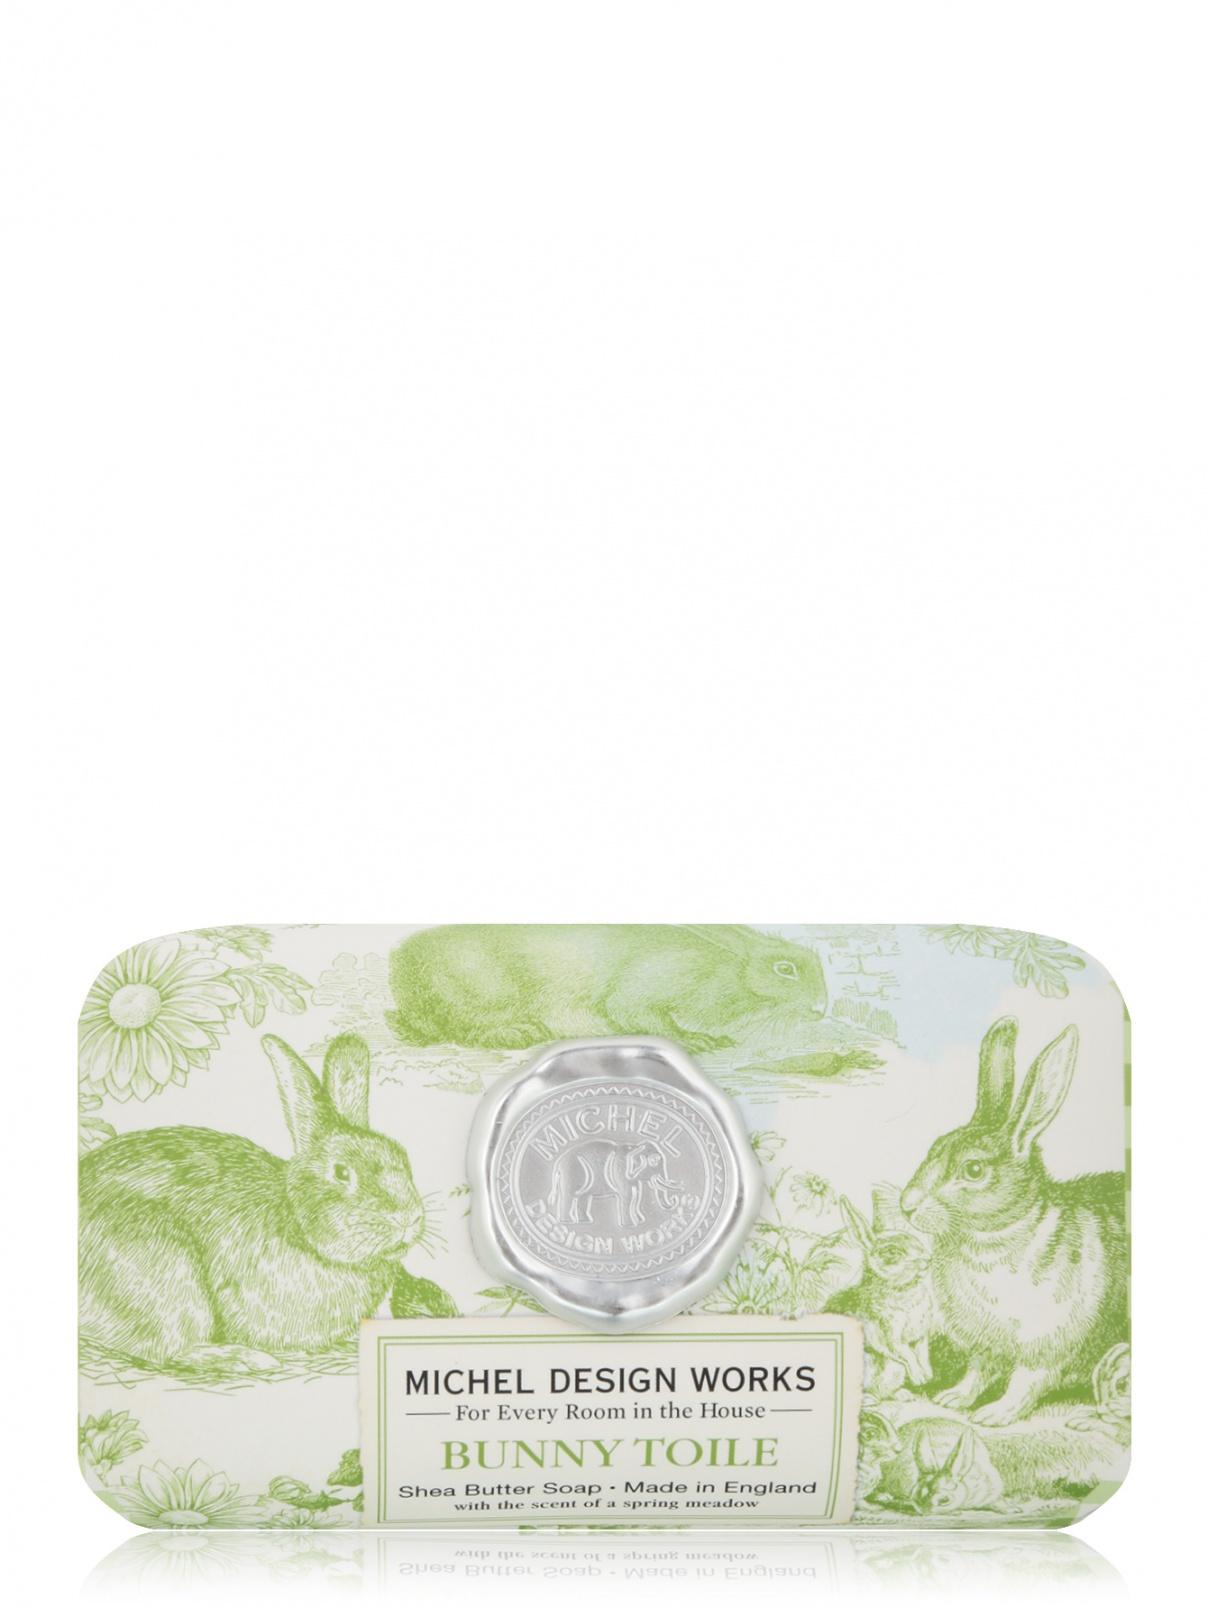 Мыло в бумажной обертке Bunny Toile 246 г 11х7х5 см MichelDesignWorks  –  Общий вид